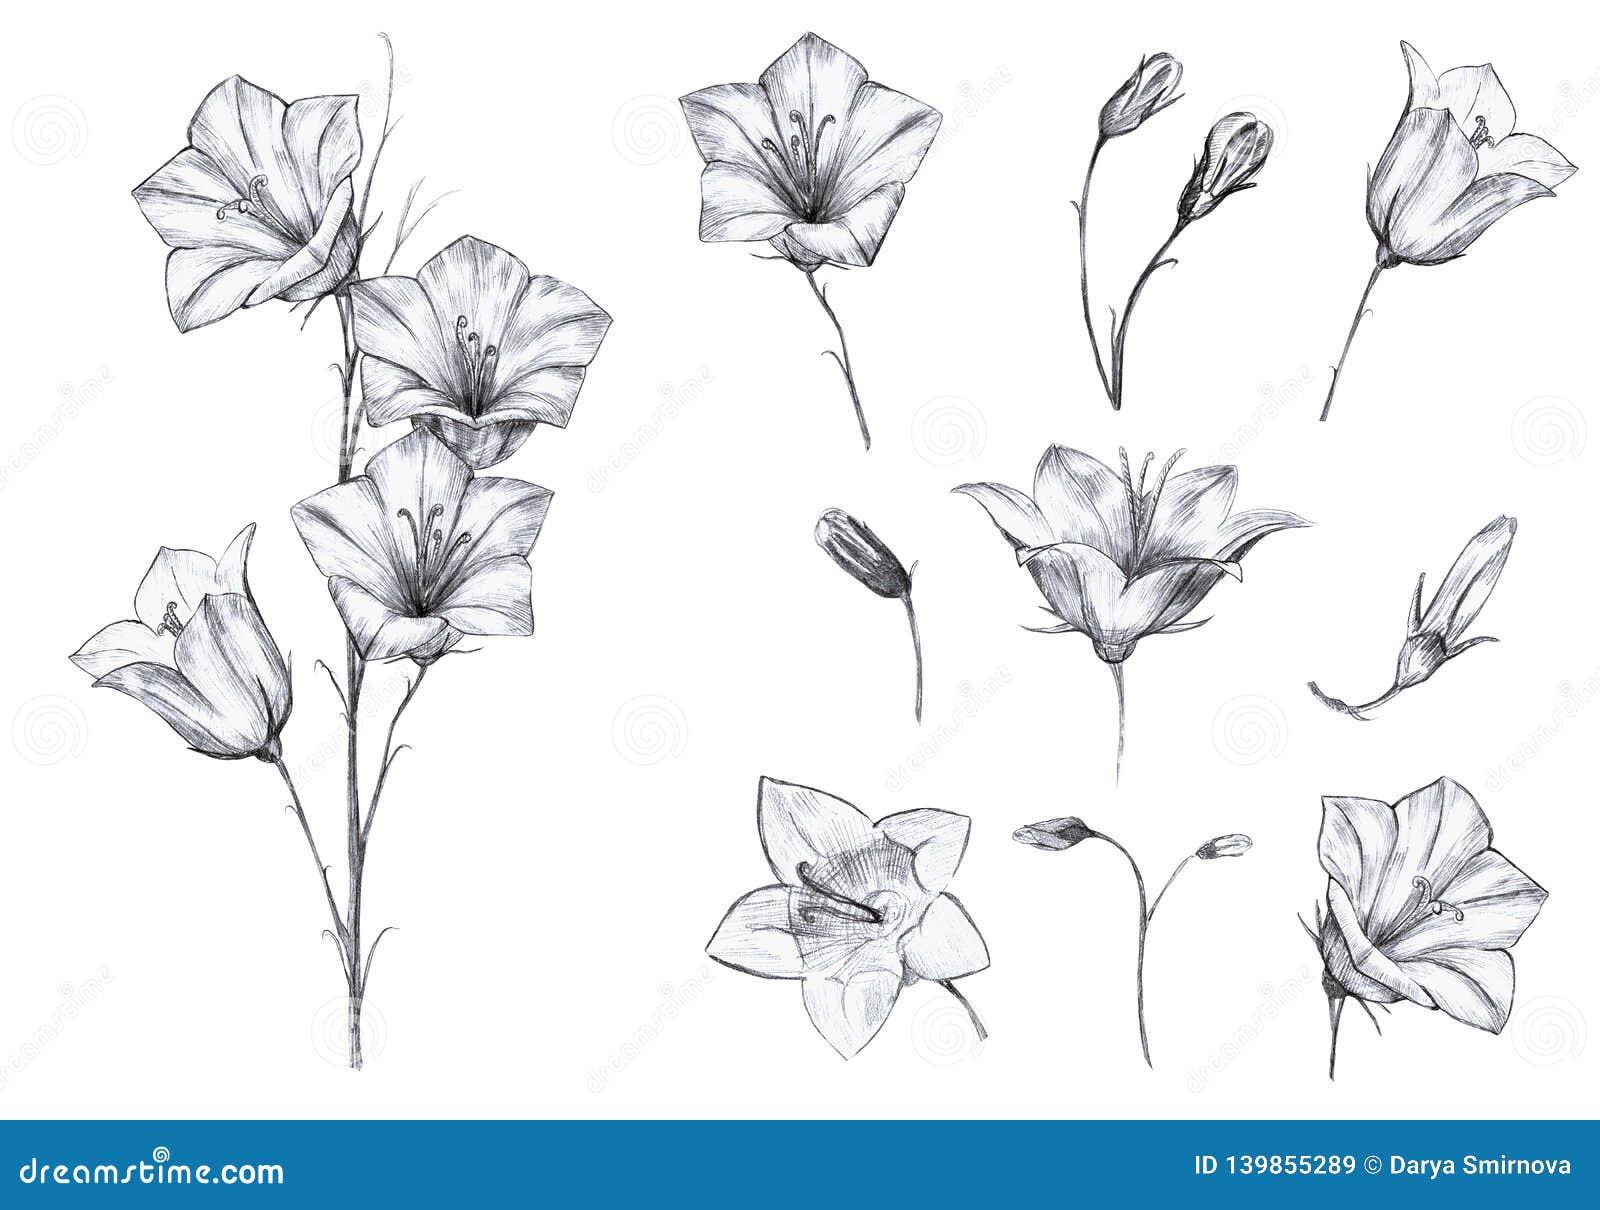 Συρμένο το χέρι floral σύνολο απομονωμένων αντικειμένων με το γραφικό bluebell ανθίζει, μίσχος, οφθαλμοί στο άσπρο υπόβαθρο